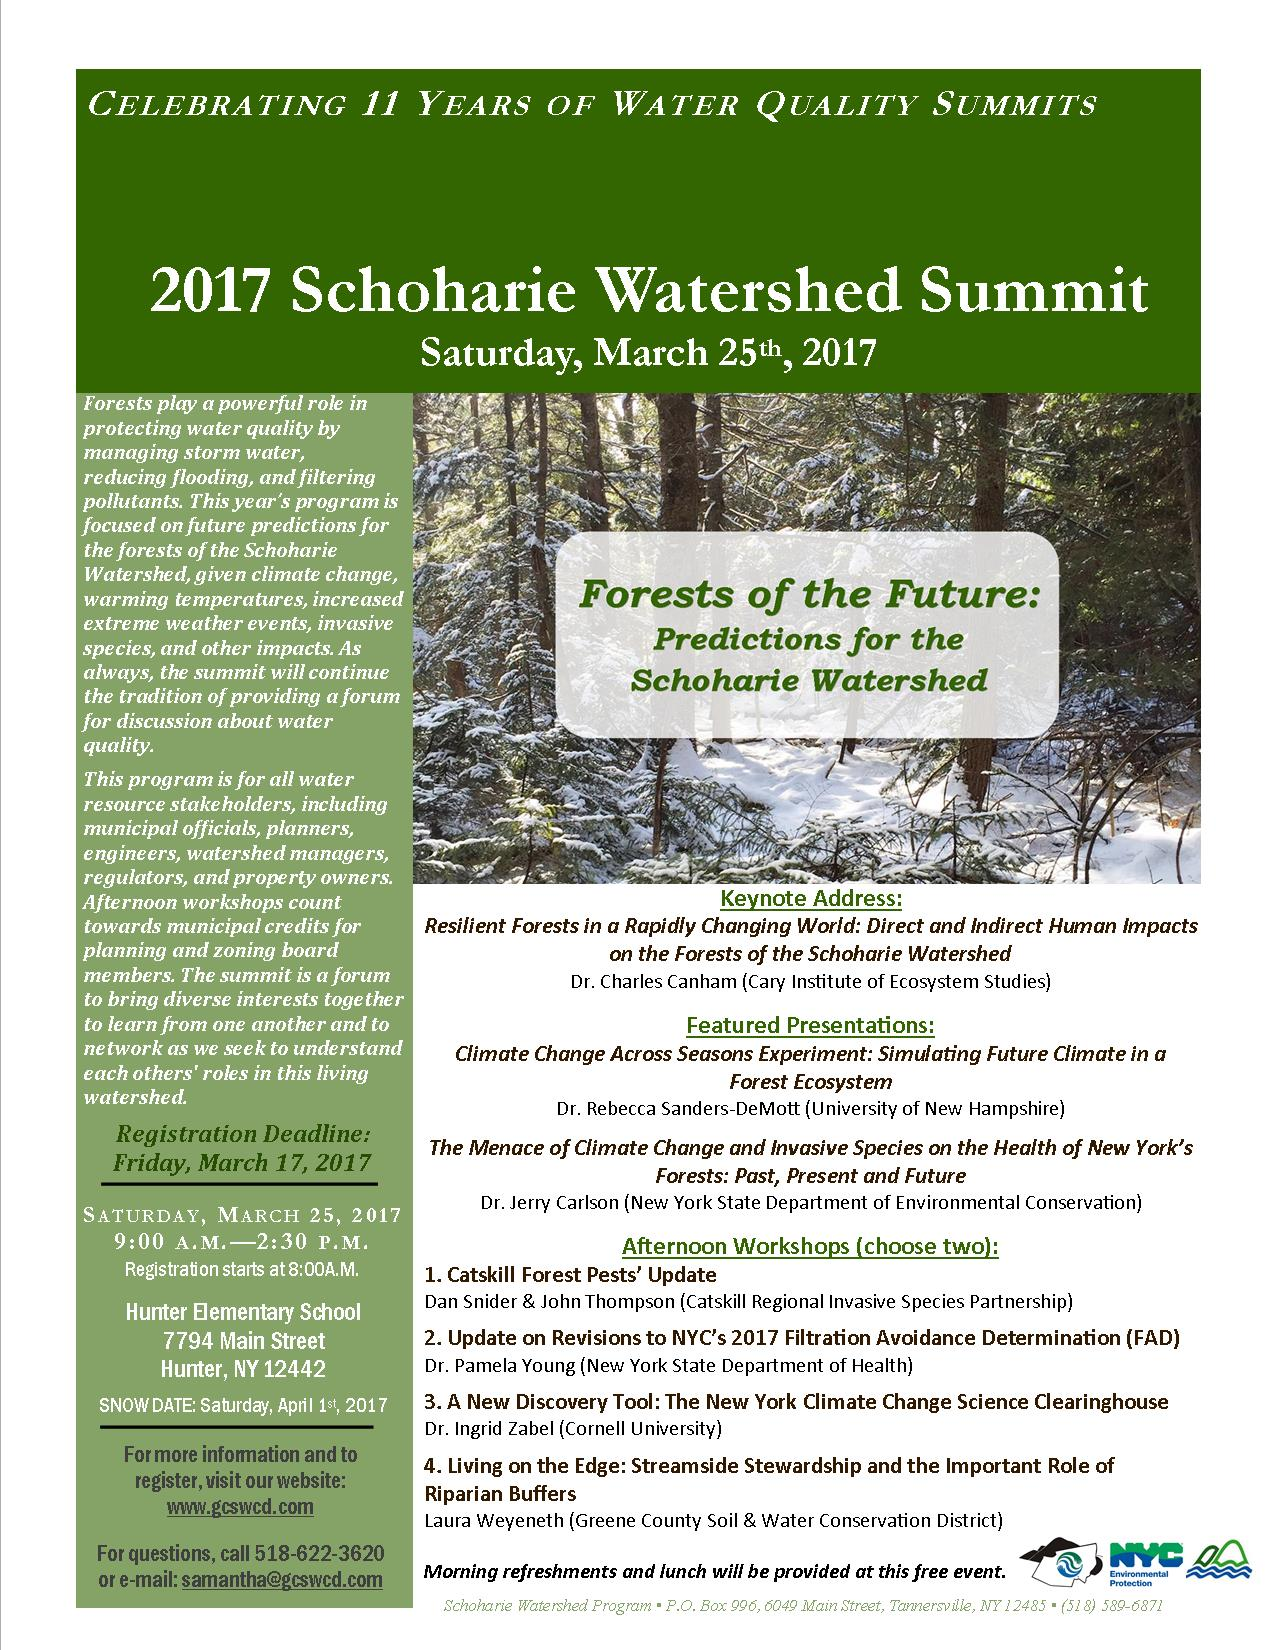 2017 Schoharie Watershed Flyer